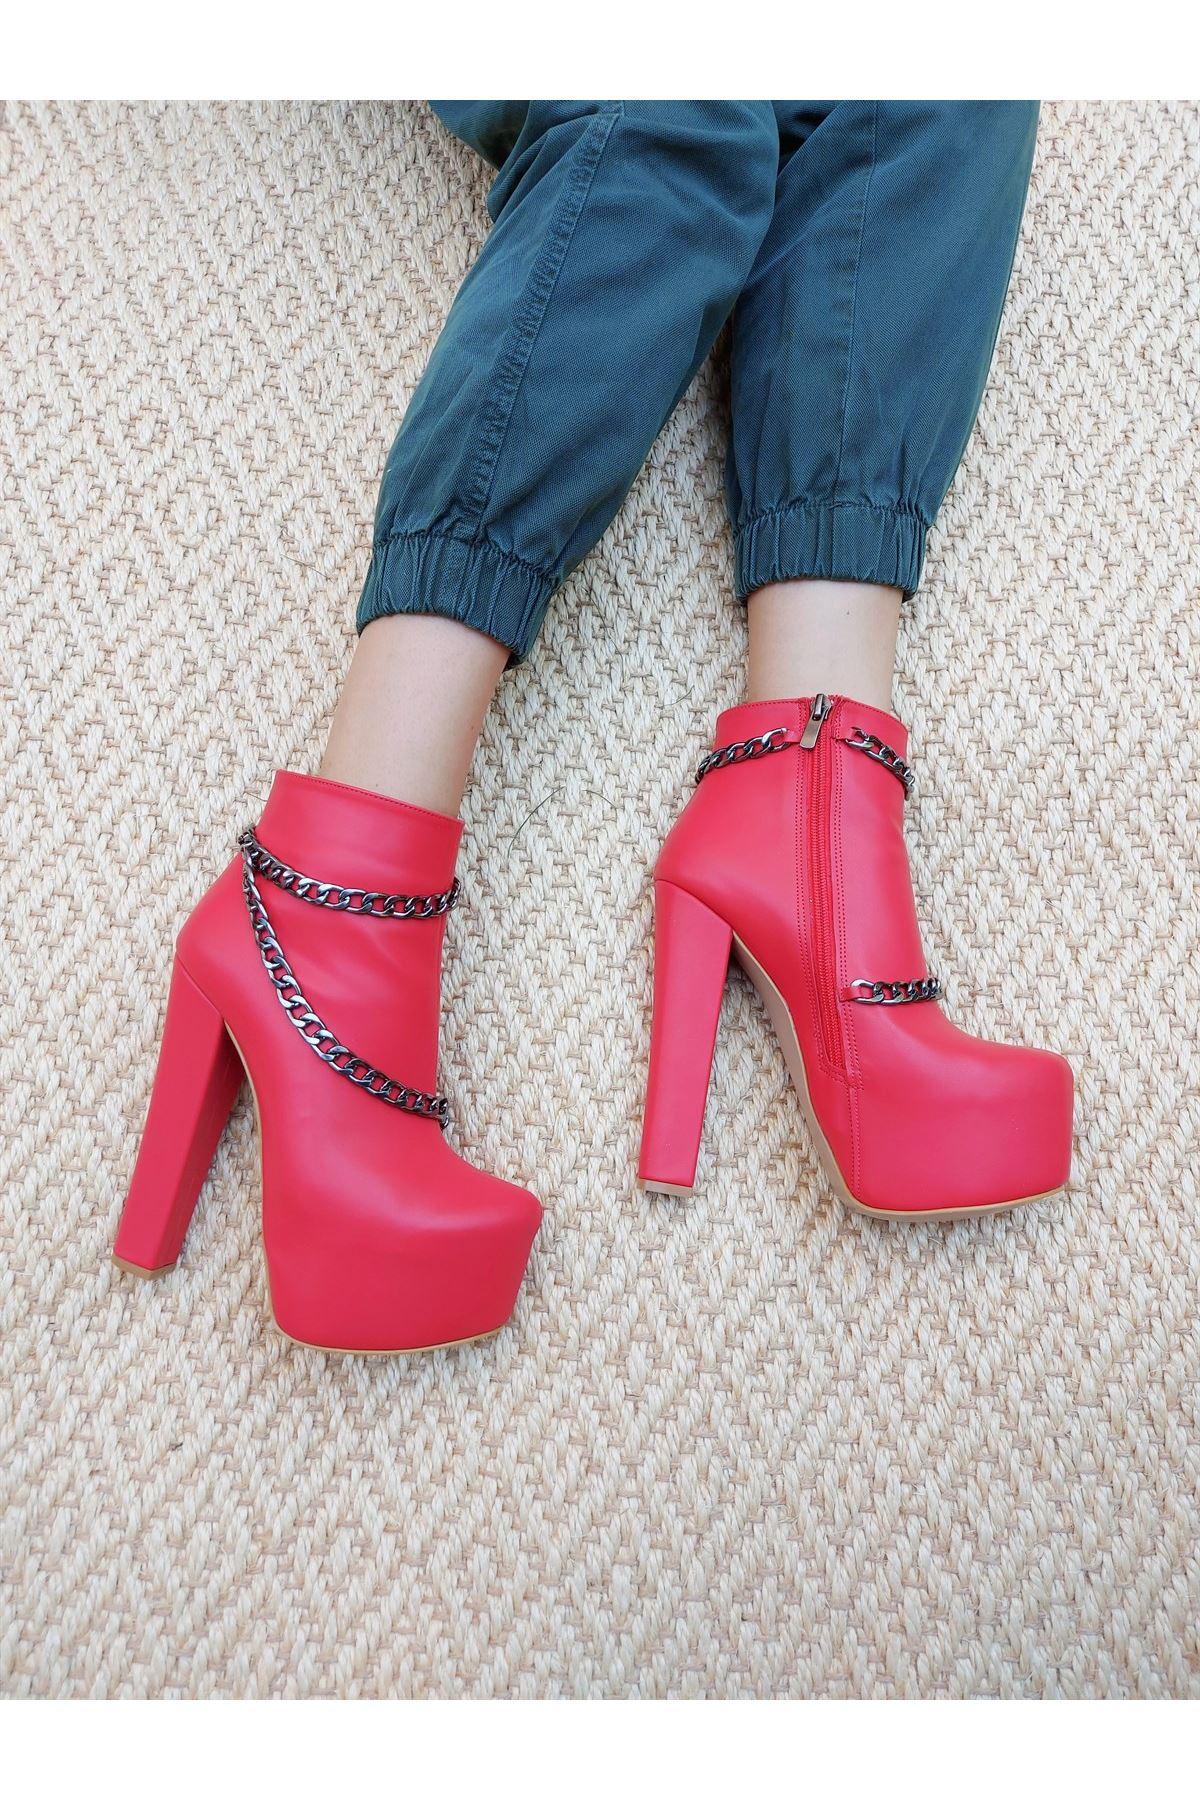 Lucki Zincirli Kırmızı Cilt Yüksek Topuklu Bot